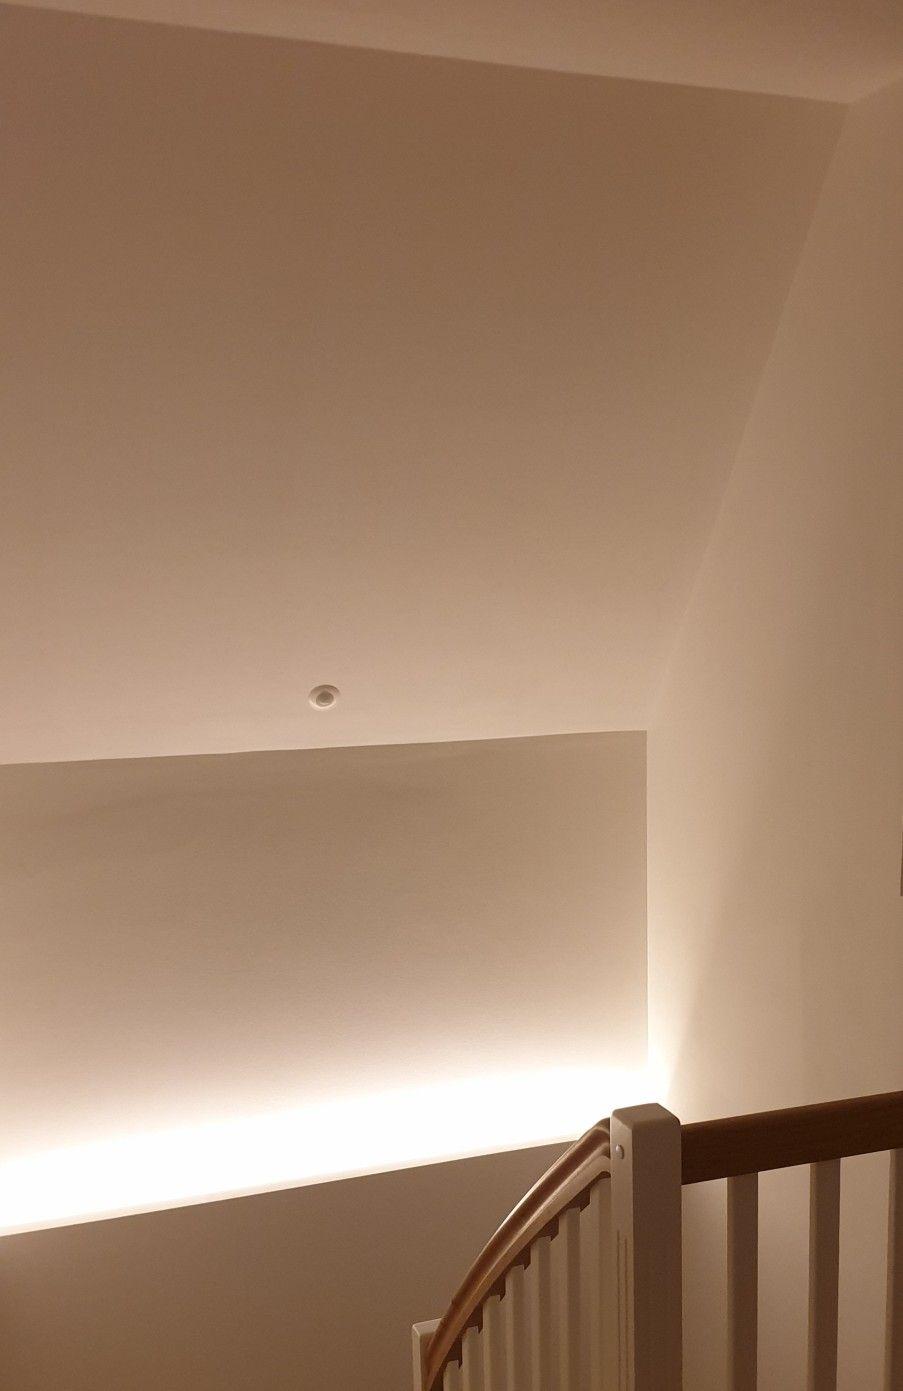 Rgb W Led Beleuchtung Mit Bewegungsmelder Von Unten An Wand Und Decke Im Treppenaufgang Mit Bildern Beleuchtung Indirekte Beleuchtung Led Beleuchtung